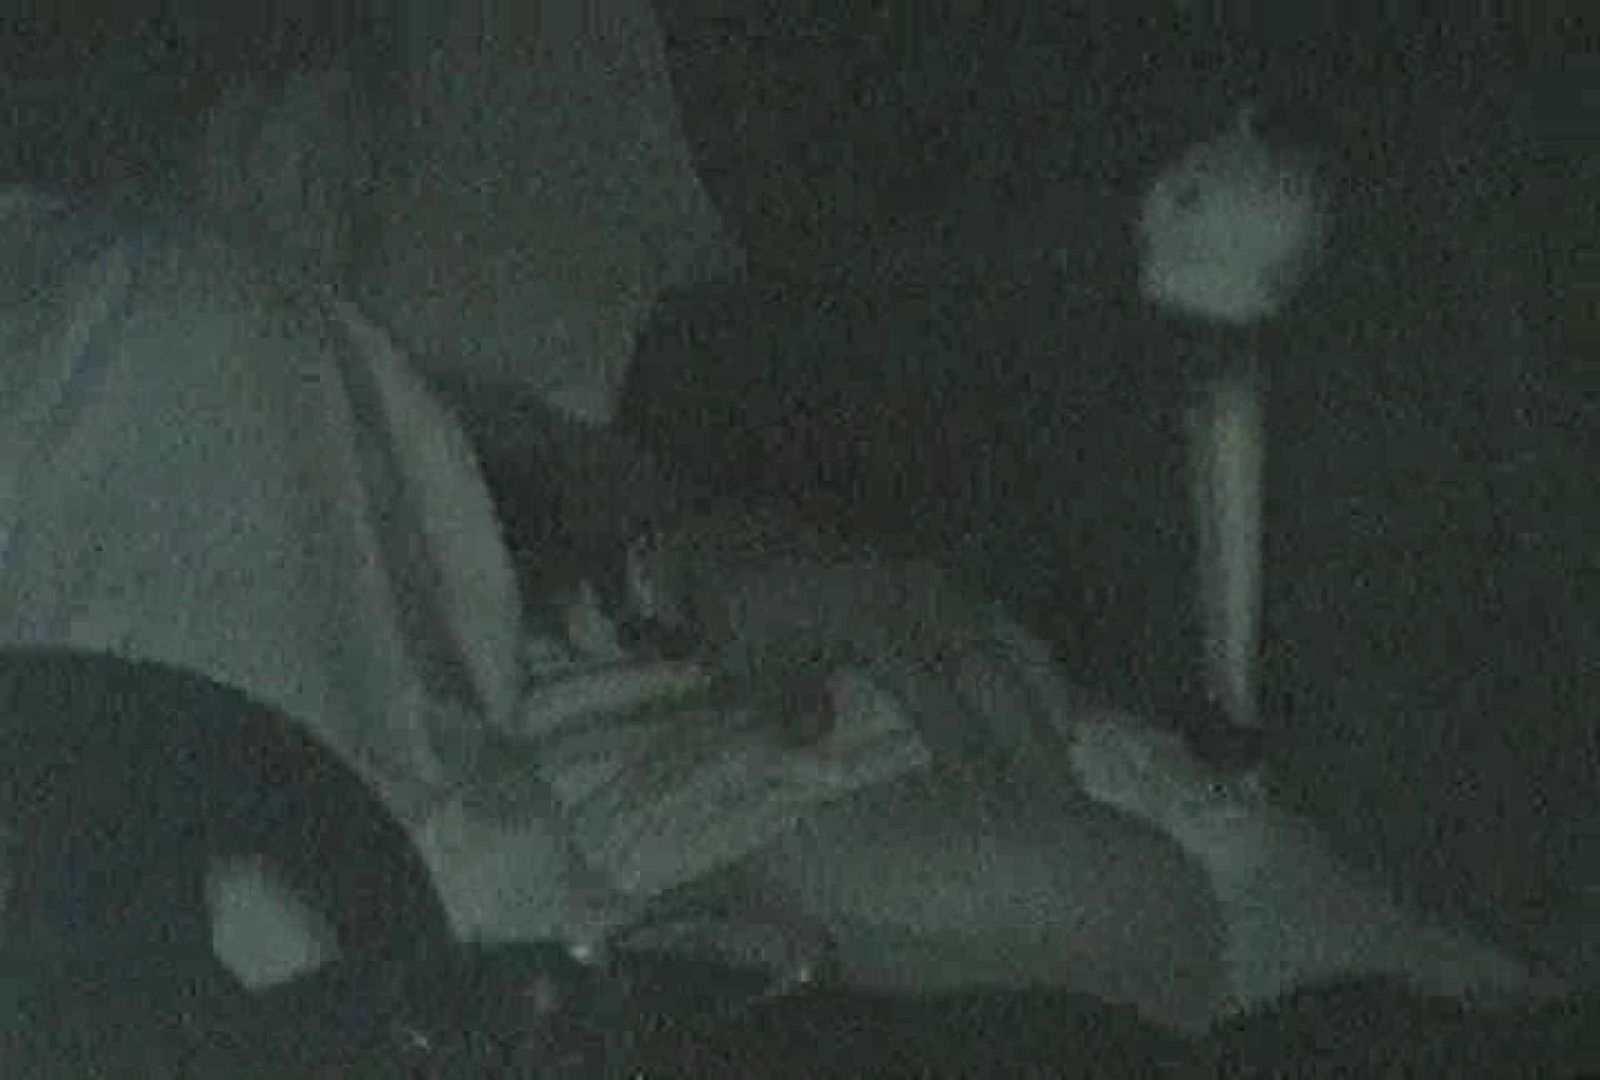 充血監督の深夜の運動会Vol.66 マンコ おまんこ無修正動画無料 109連発 43